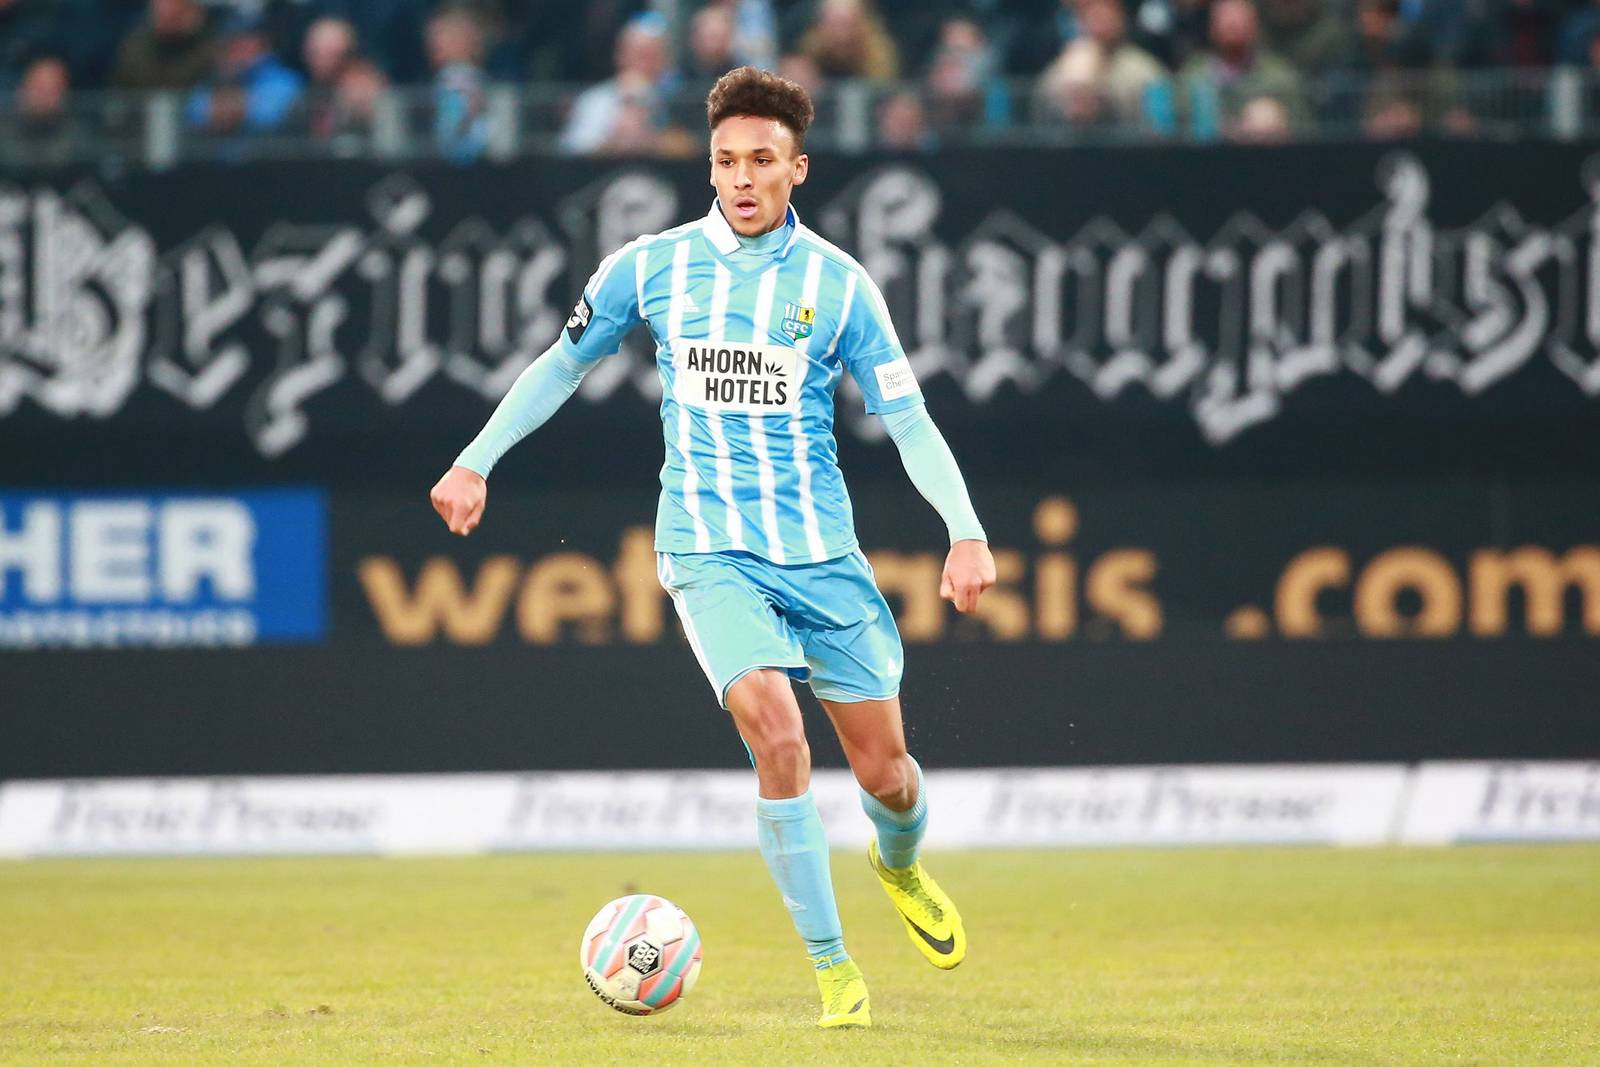 Jamil Dem vom Chemnitzer FC im Dribbling.